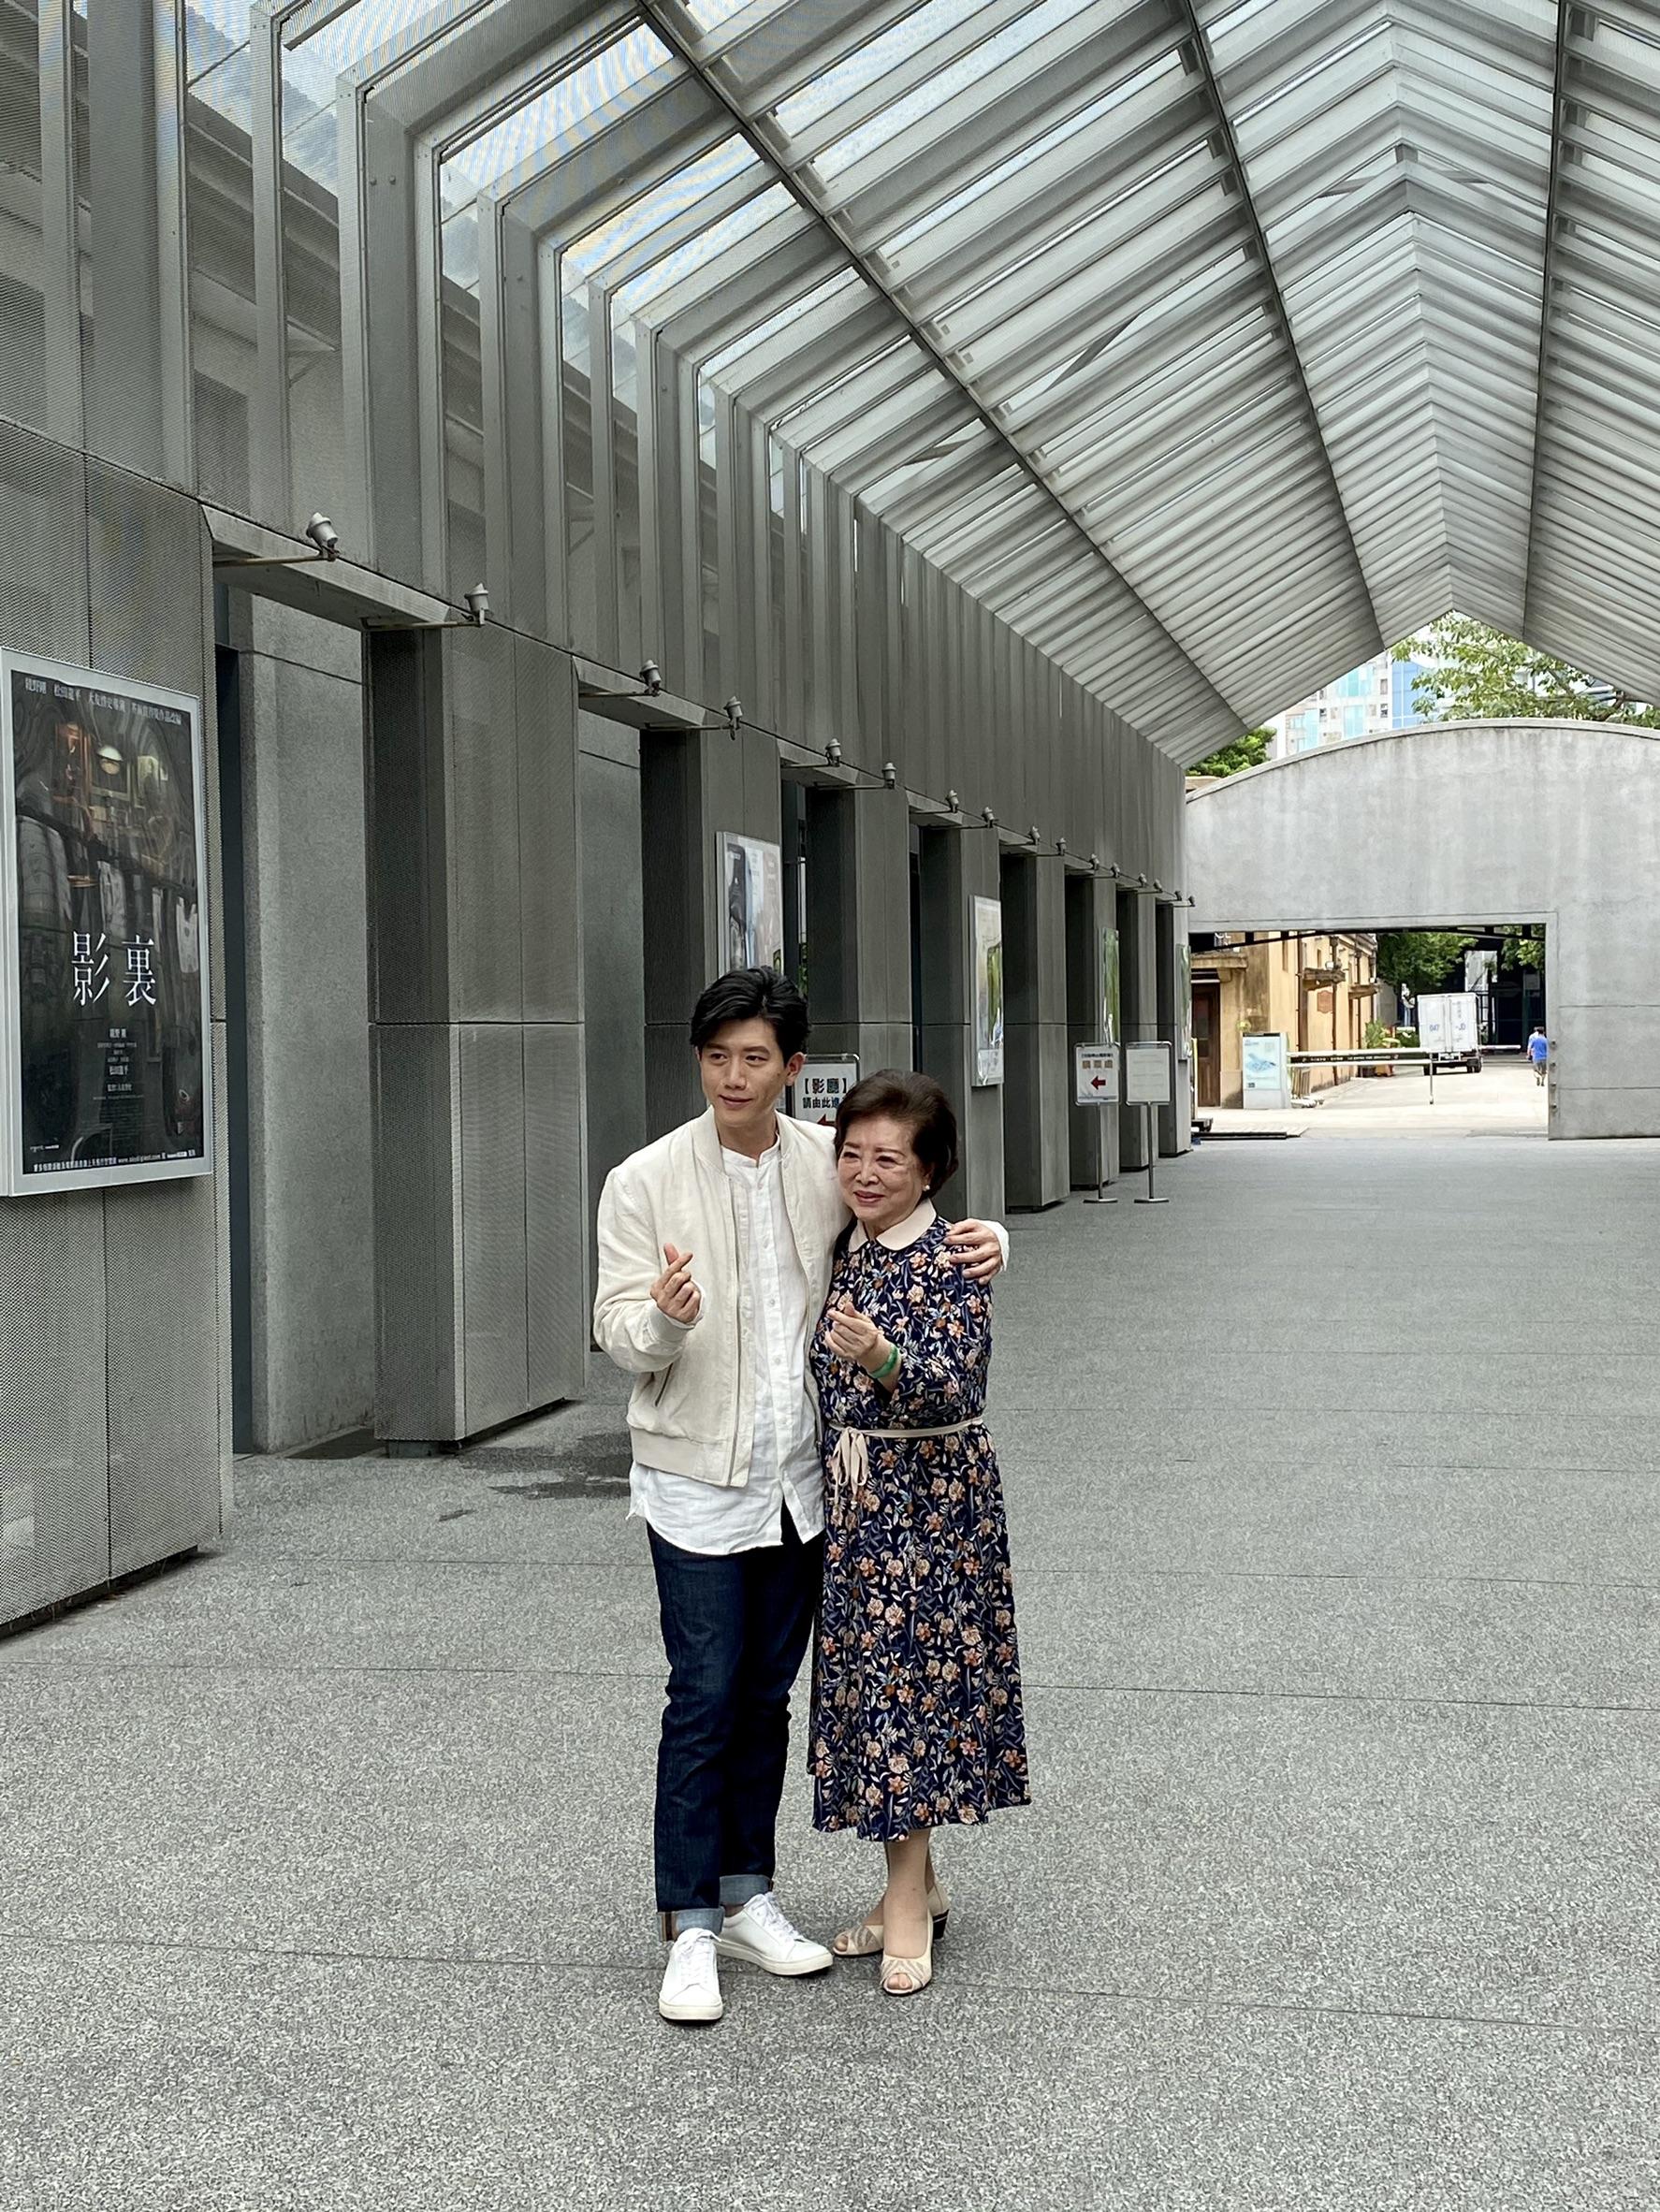 《親愛的房客》莫子儀和陳淑芳入圍台北電影獎